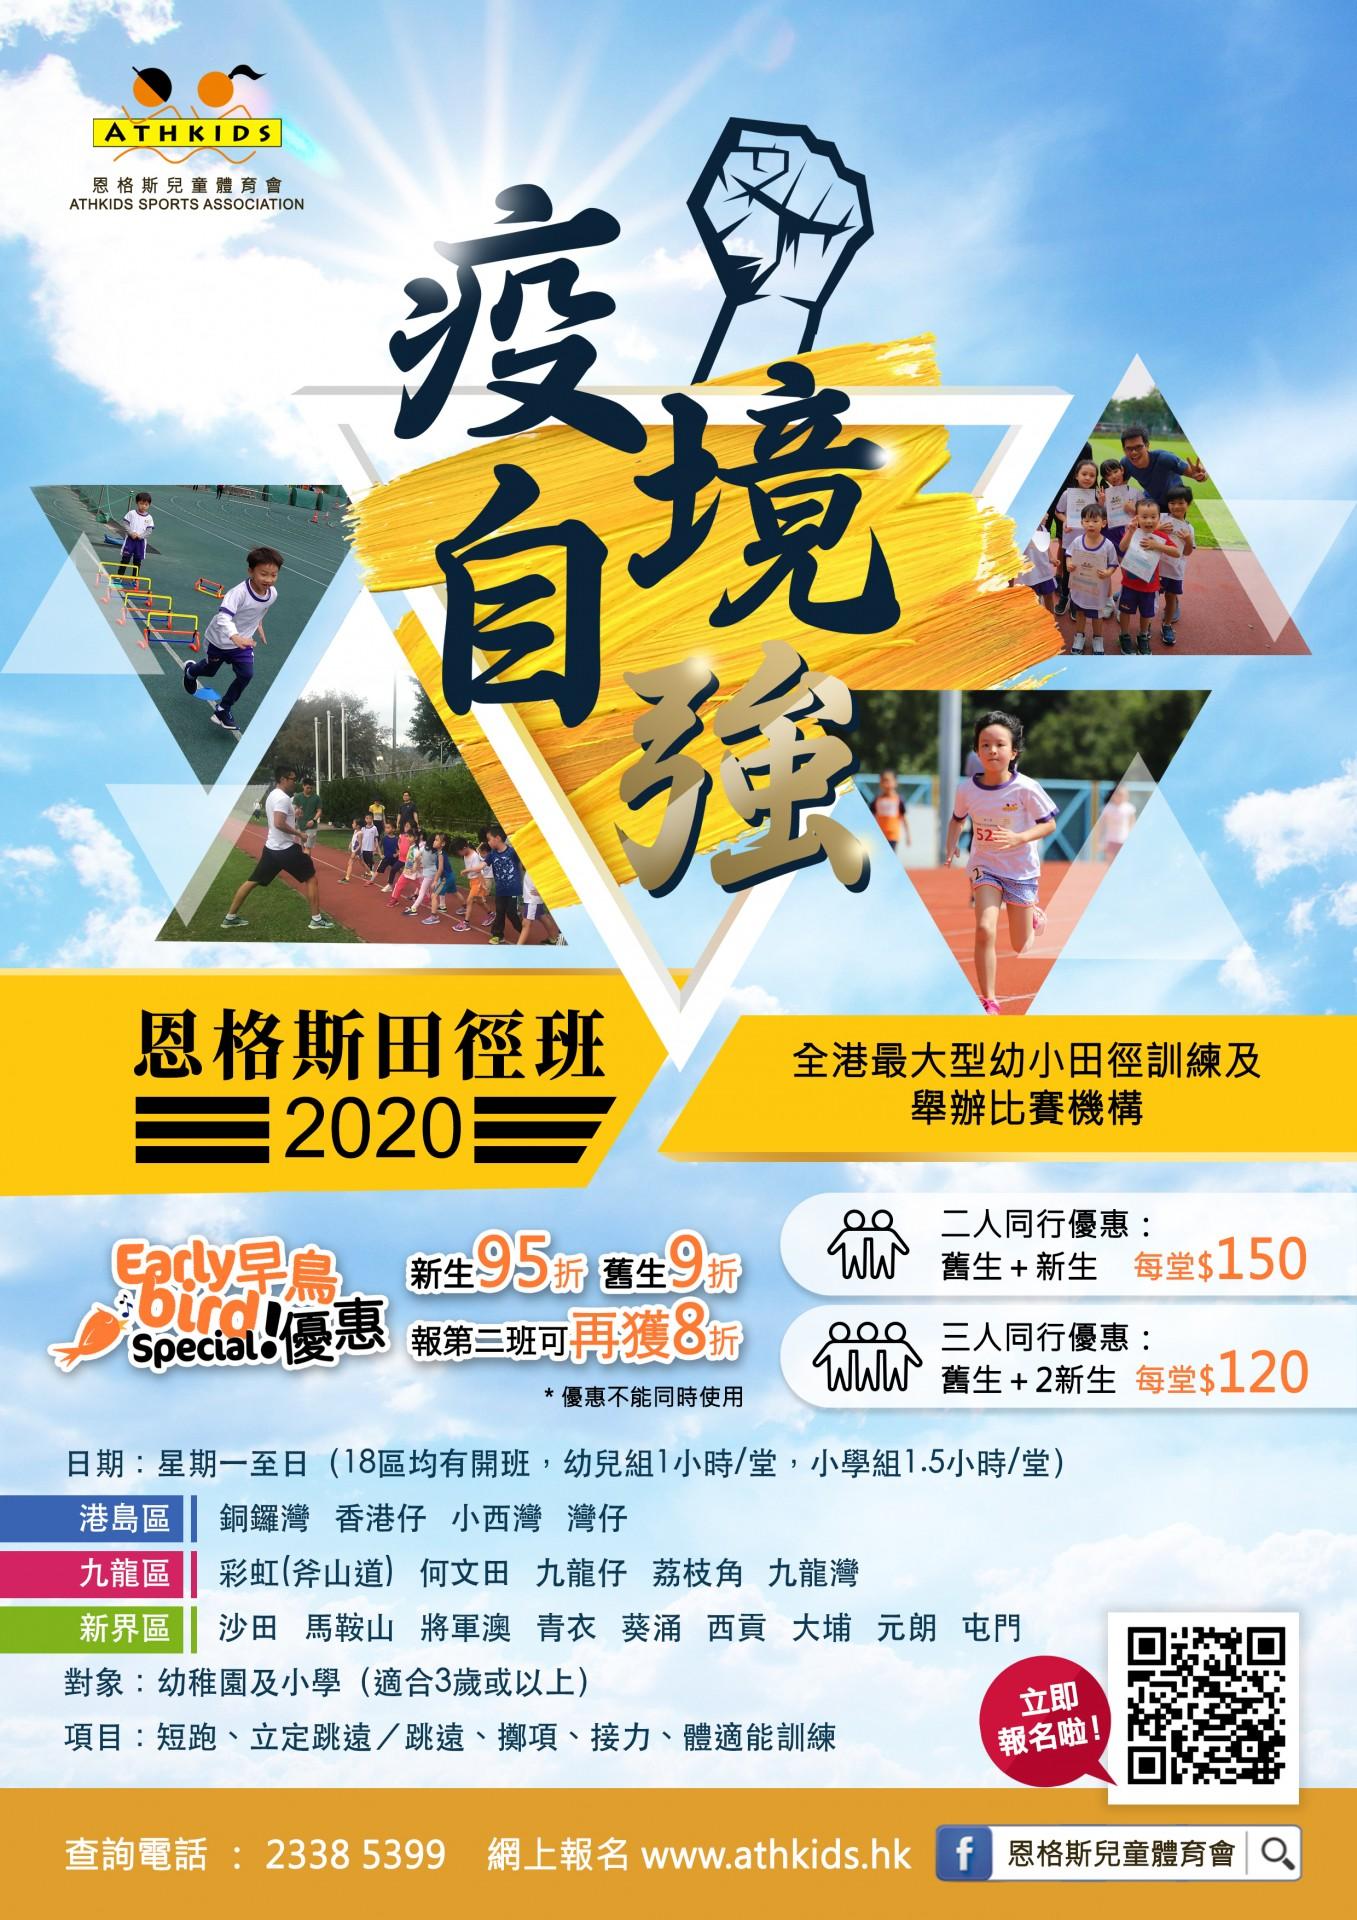 恩格斯田徑班2020(4-6月)(復課日期待定)